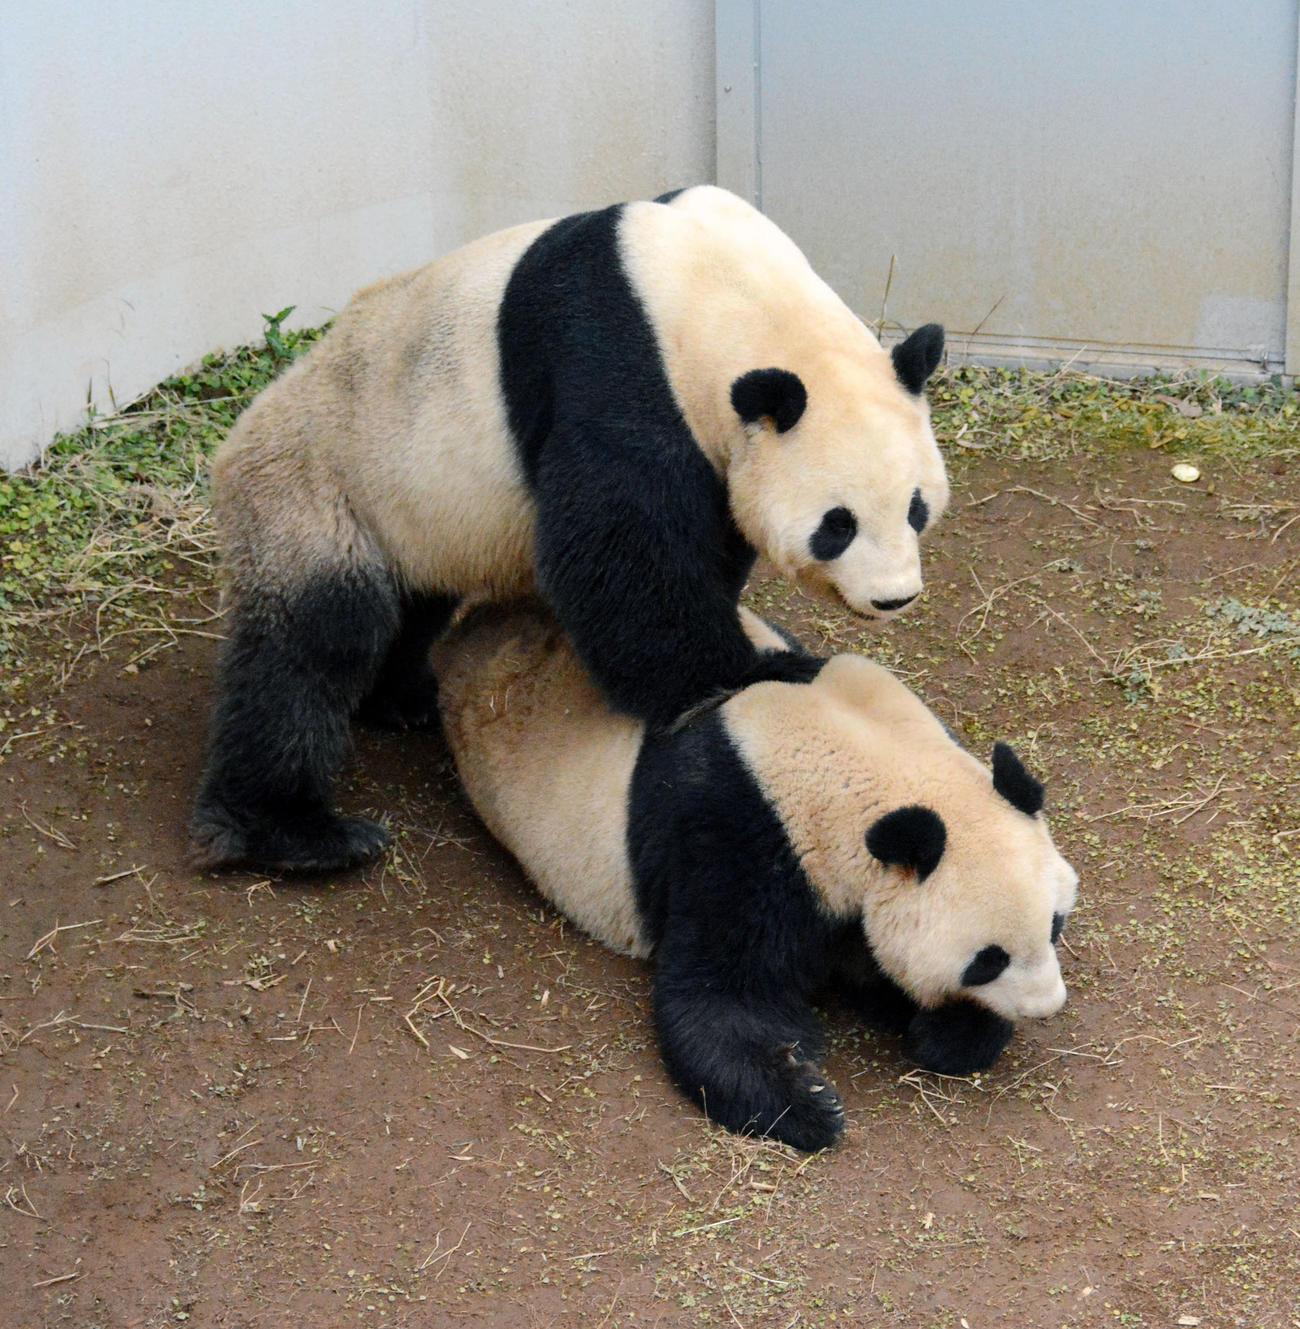 交尾のため、ジャイアントパンダの雌シンシン(下)へ近づく雄リーリー(東京動物園協会提供)